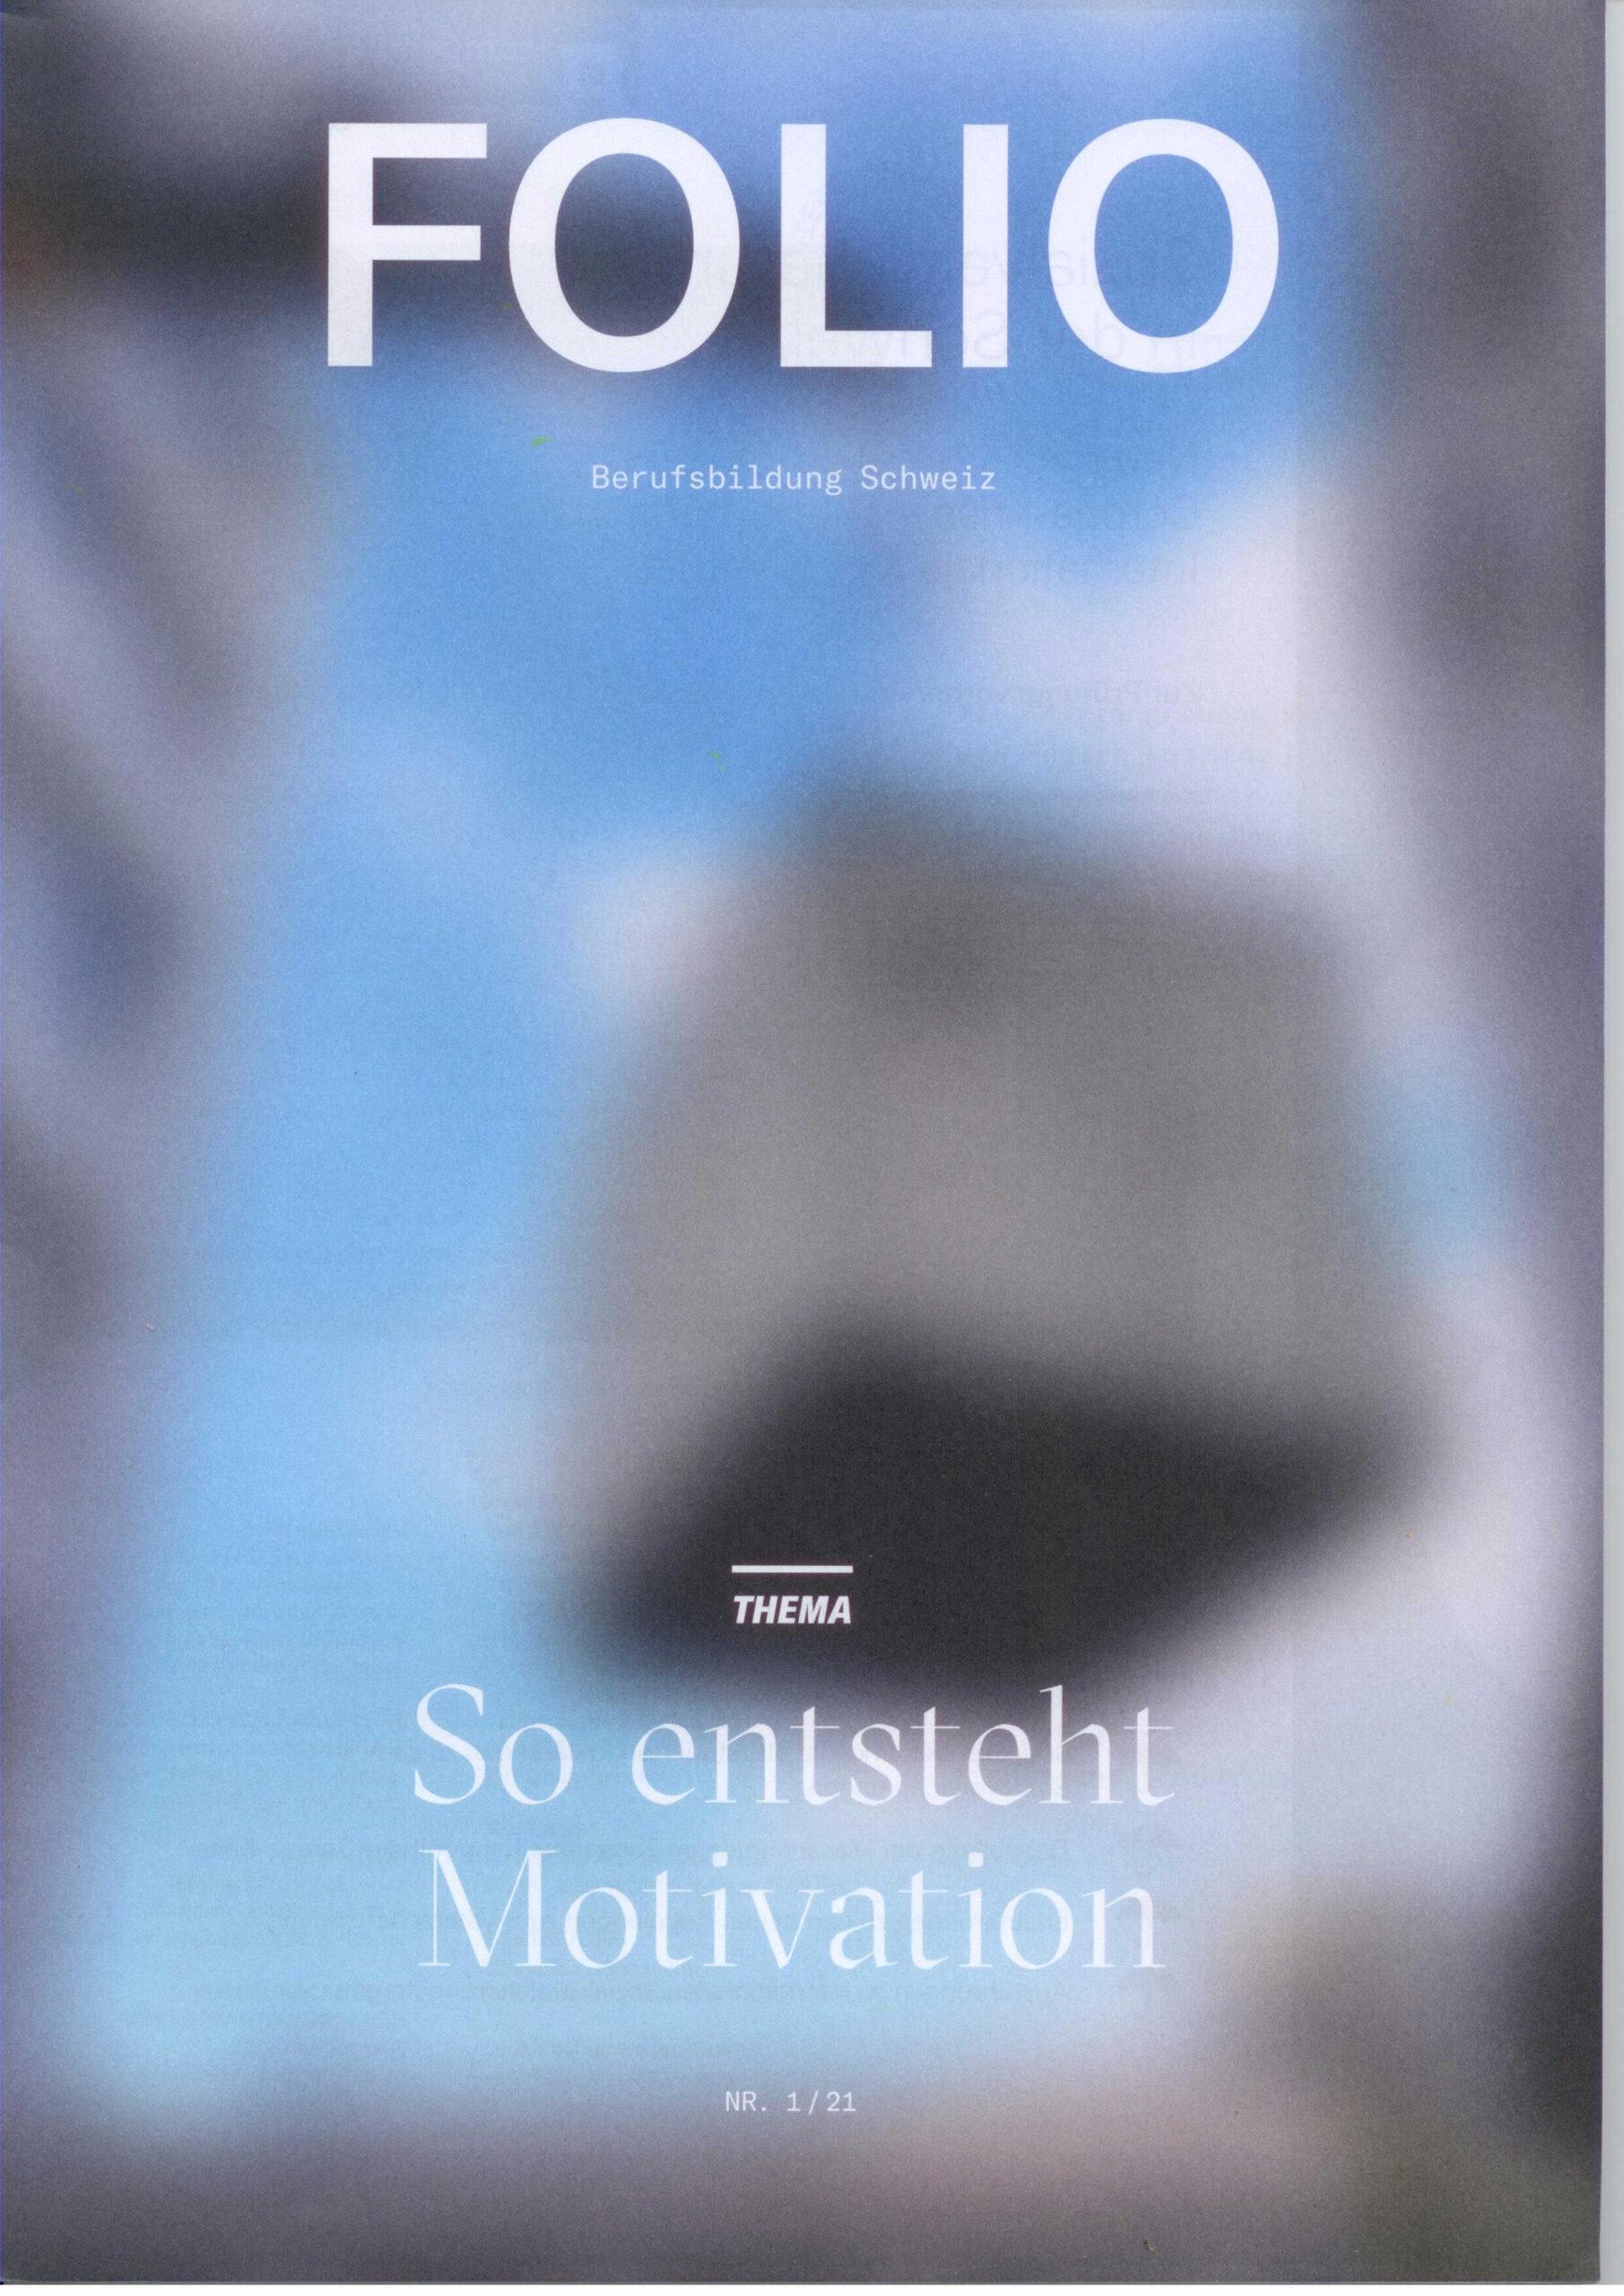 Beitraege_Zeitqualitaet_Aktuell_Folio_Pausengespraech_FOTO